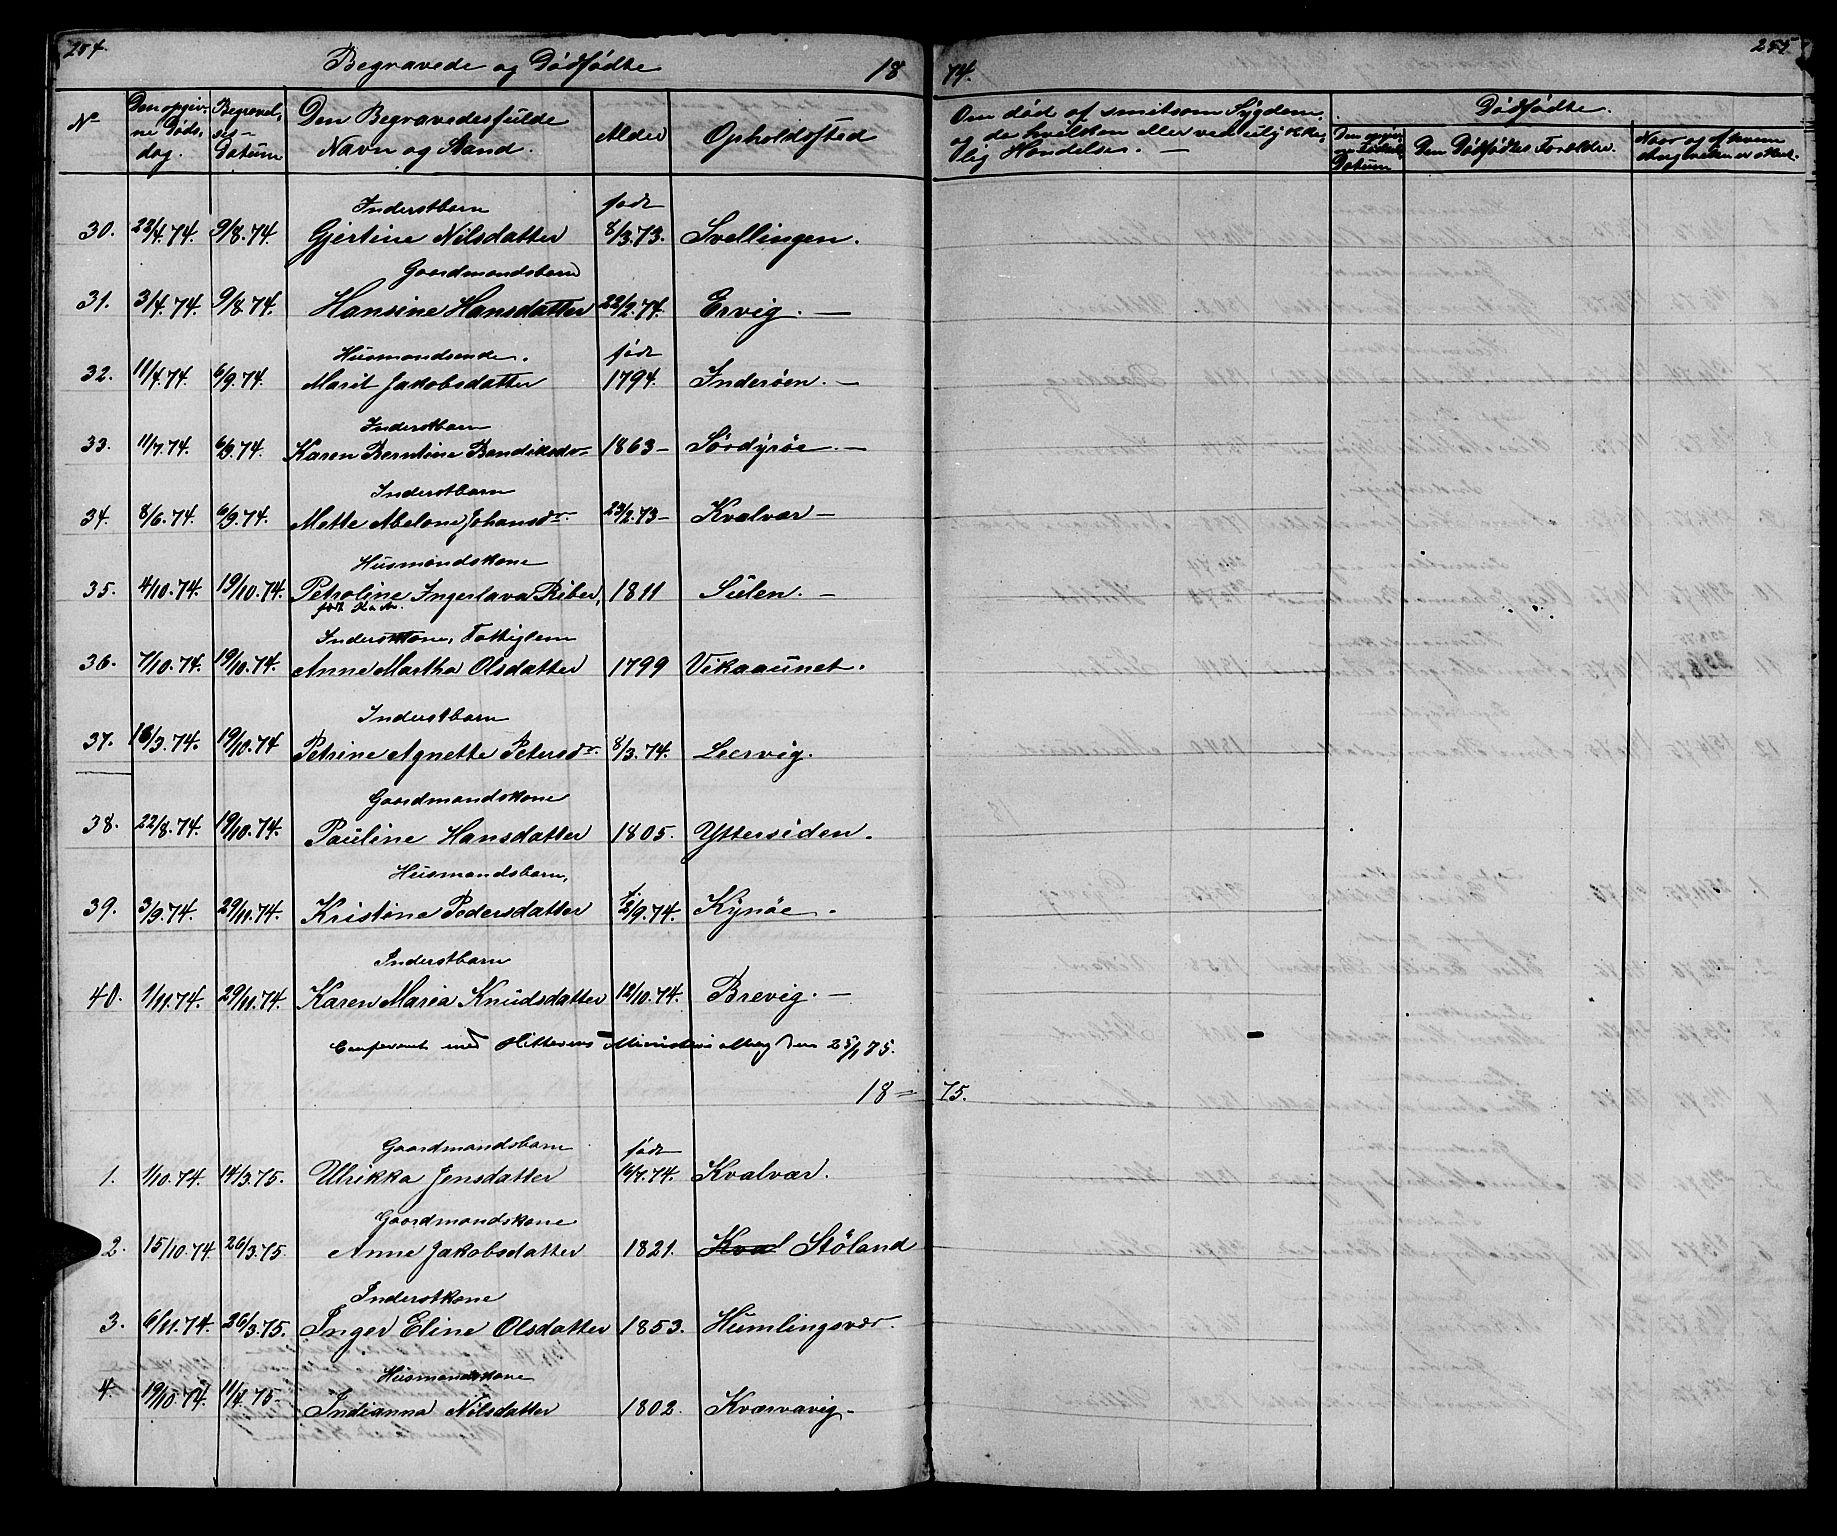 SAT, Ministerialprotokoller, klokkerbøker og fødselsregistre - Sør-Trøndelag, 640/L0583: Klokkerbok nr. 640C01, 1866-1877, s. 254-255